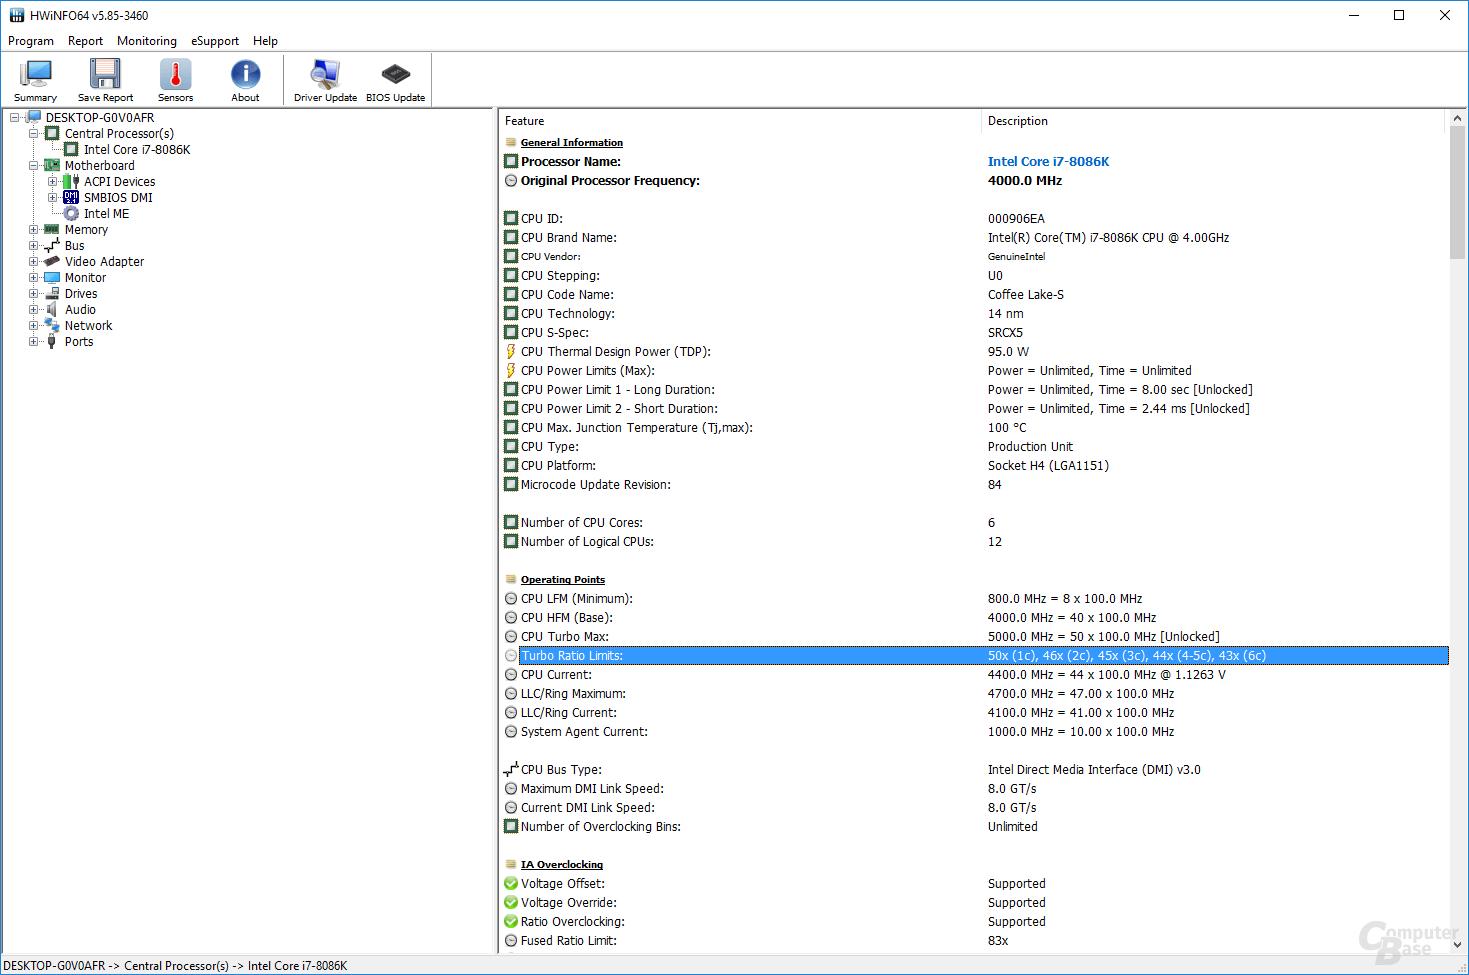 Gigabyte-BIOS mit UnCore-Takt bei 4,7 GHz